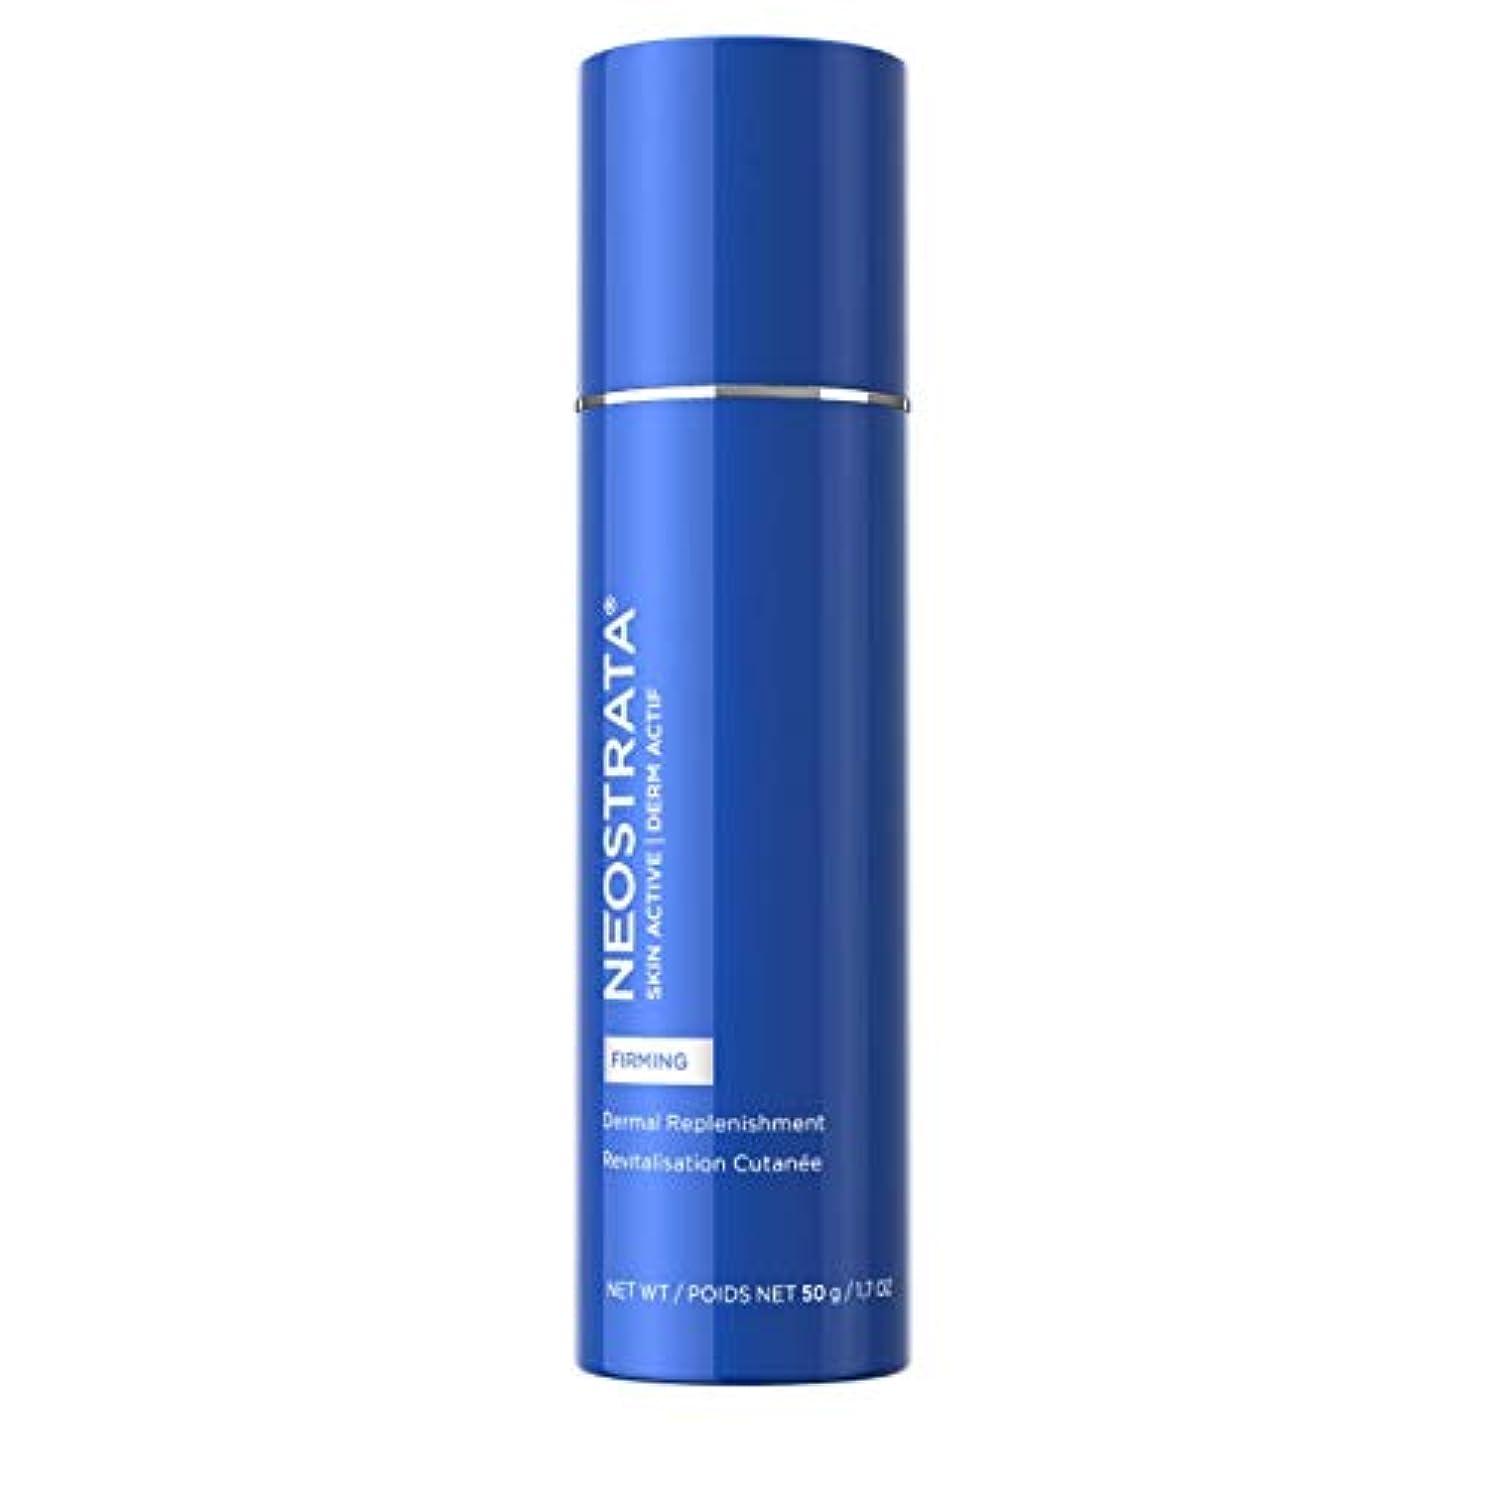 方言ハッチ寄付ネオストラータ Skin Active Derm Actif Firming - Dermal Replenishment Natural Moisturizing Factor Concentrate 50g/0.17oz並行輸入品